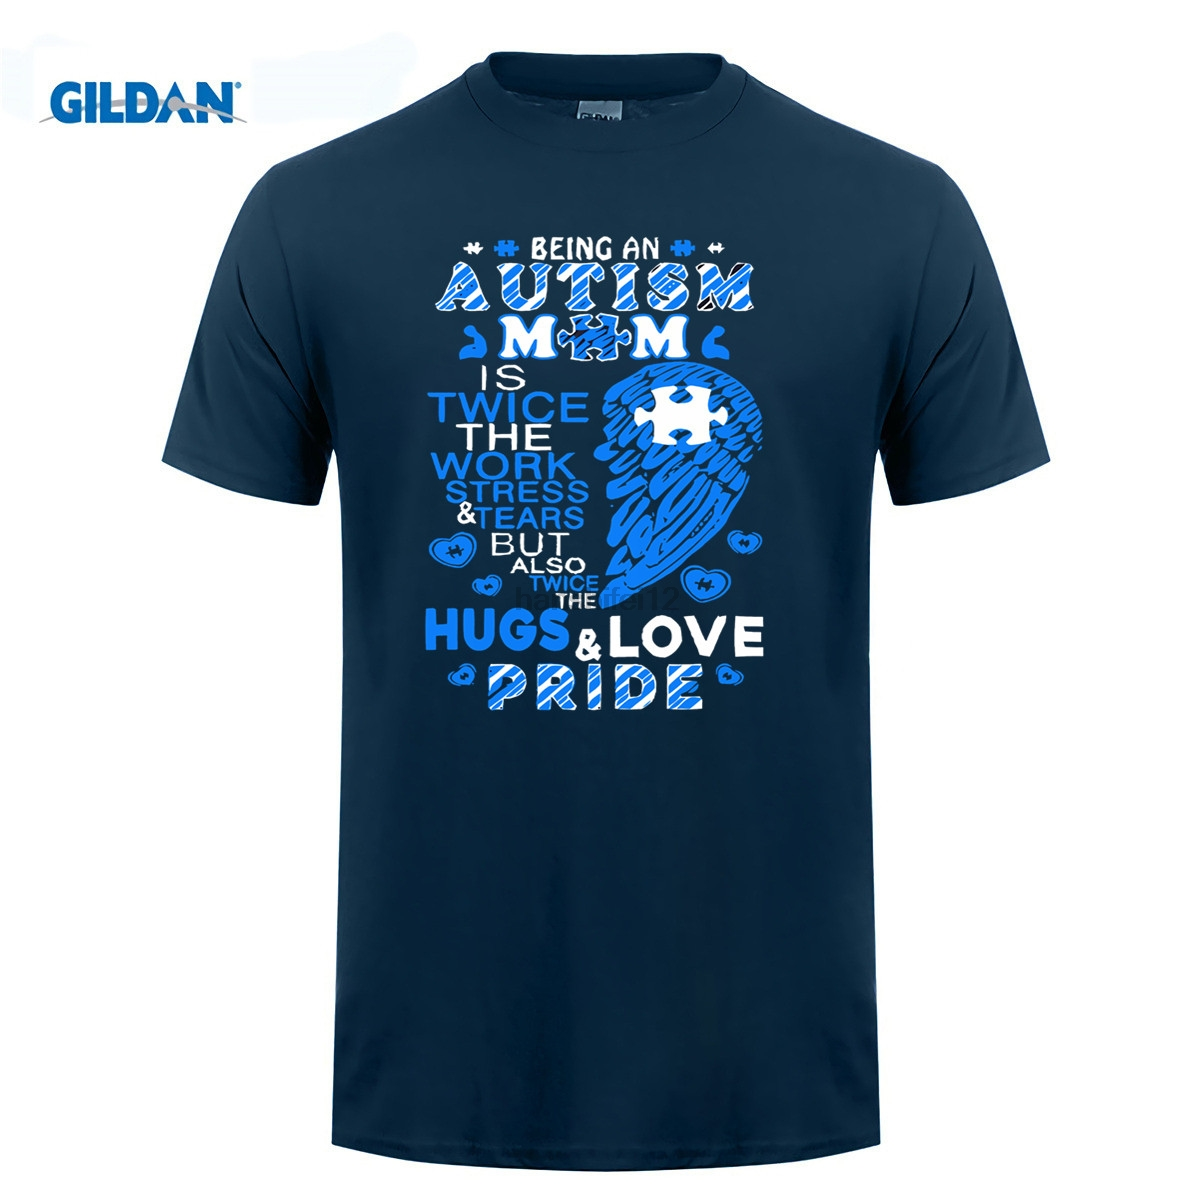 GILDAN Étant Un L'autisme Maman T-shirt L'autisme Maman T Chemise